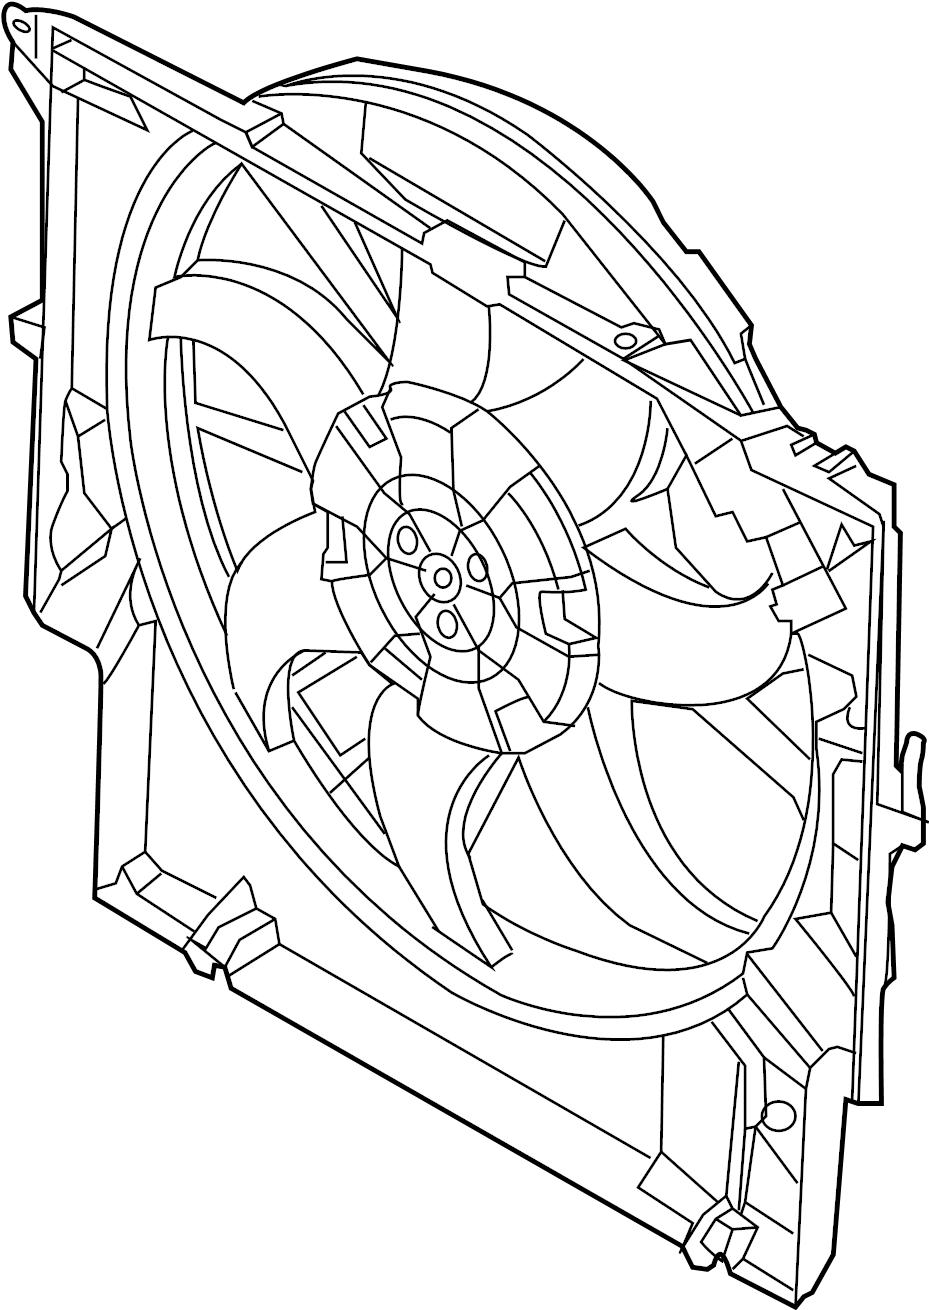 BMW 335i Fan AND motor. Fan ASSEMBLY. Fan blade. Fan